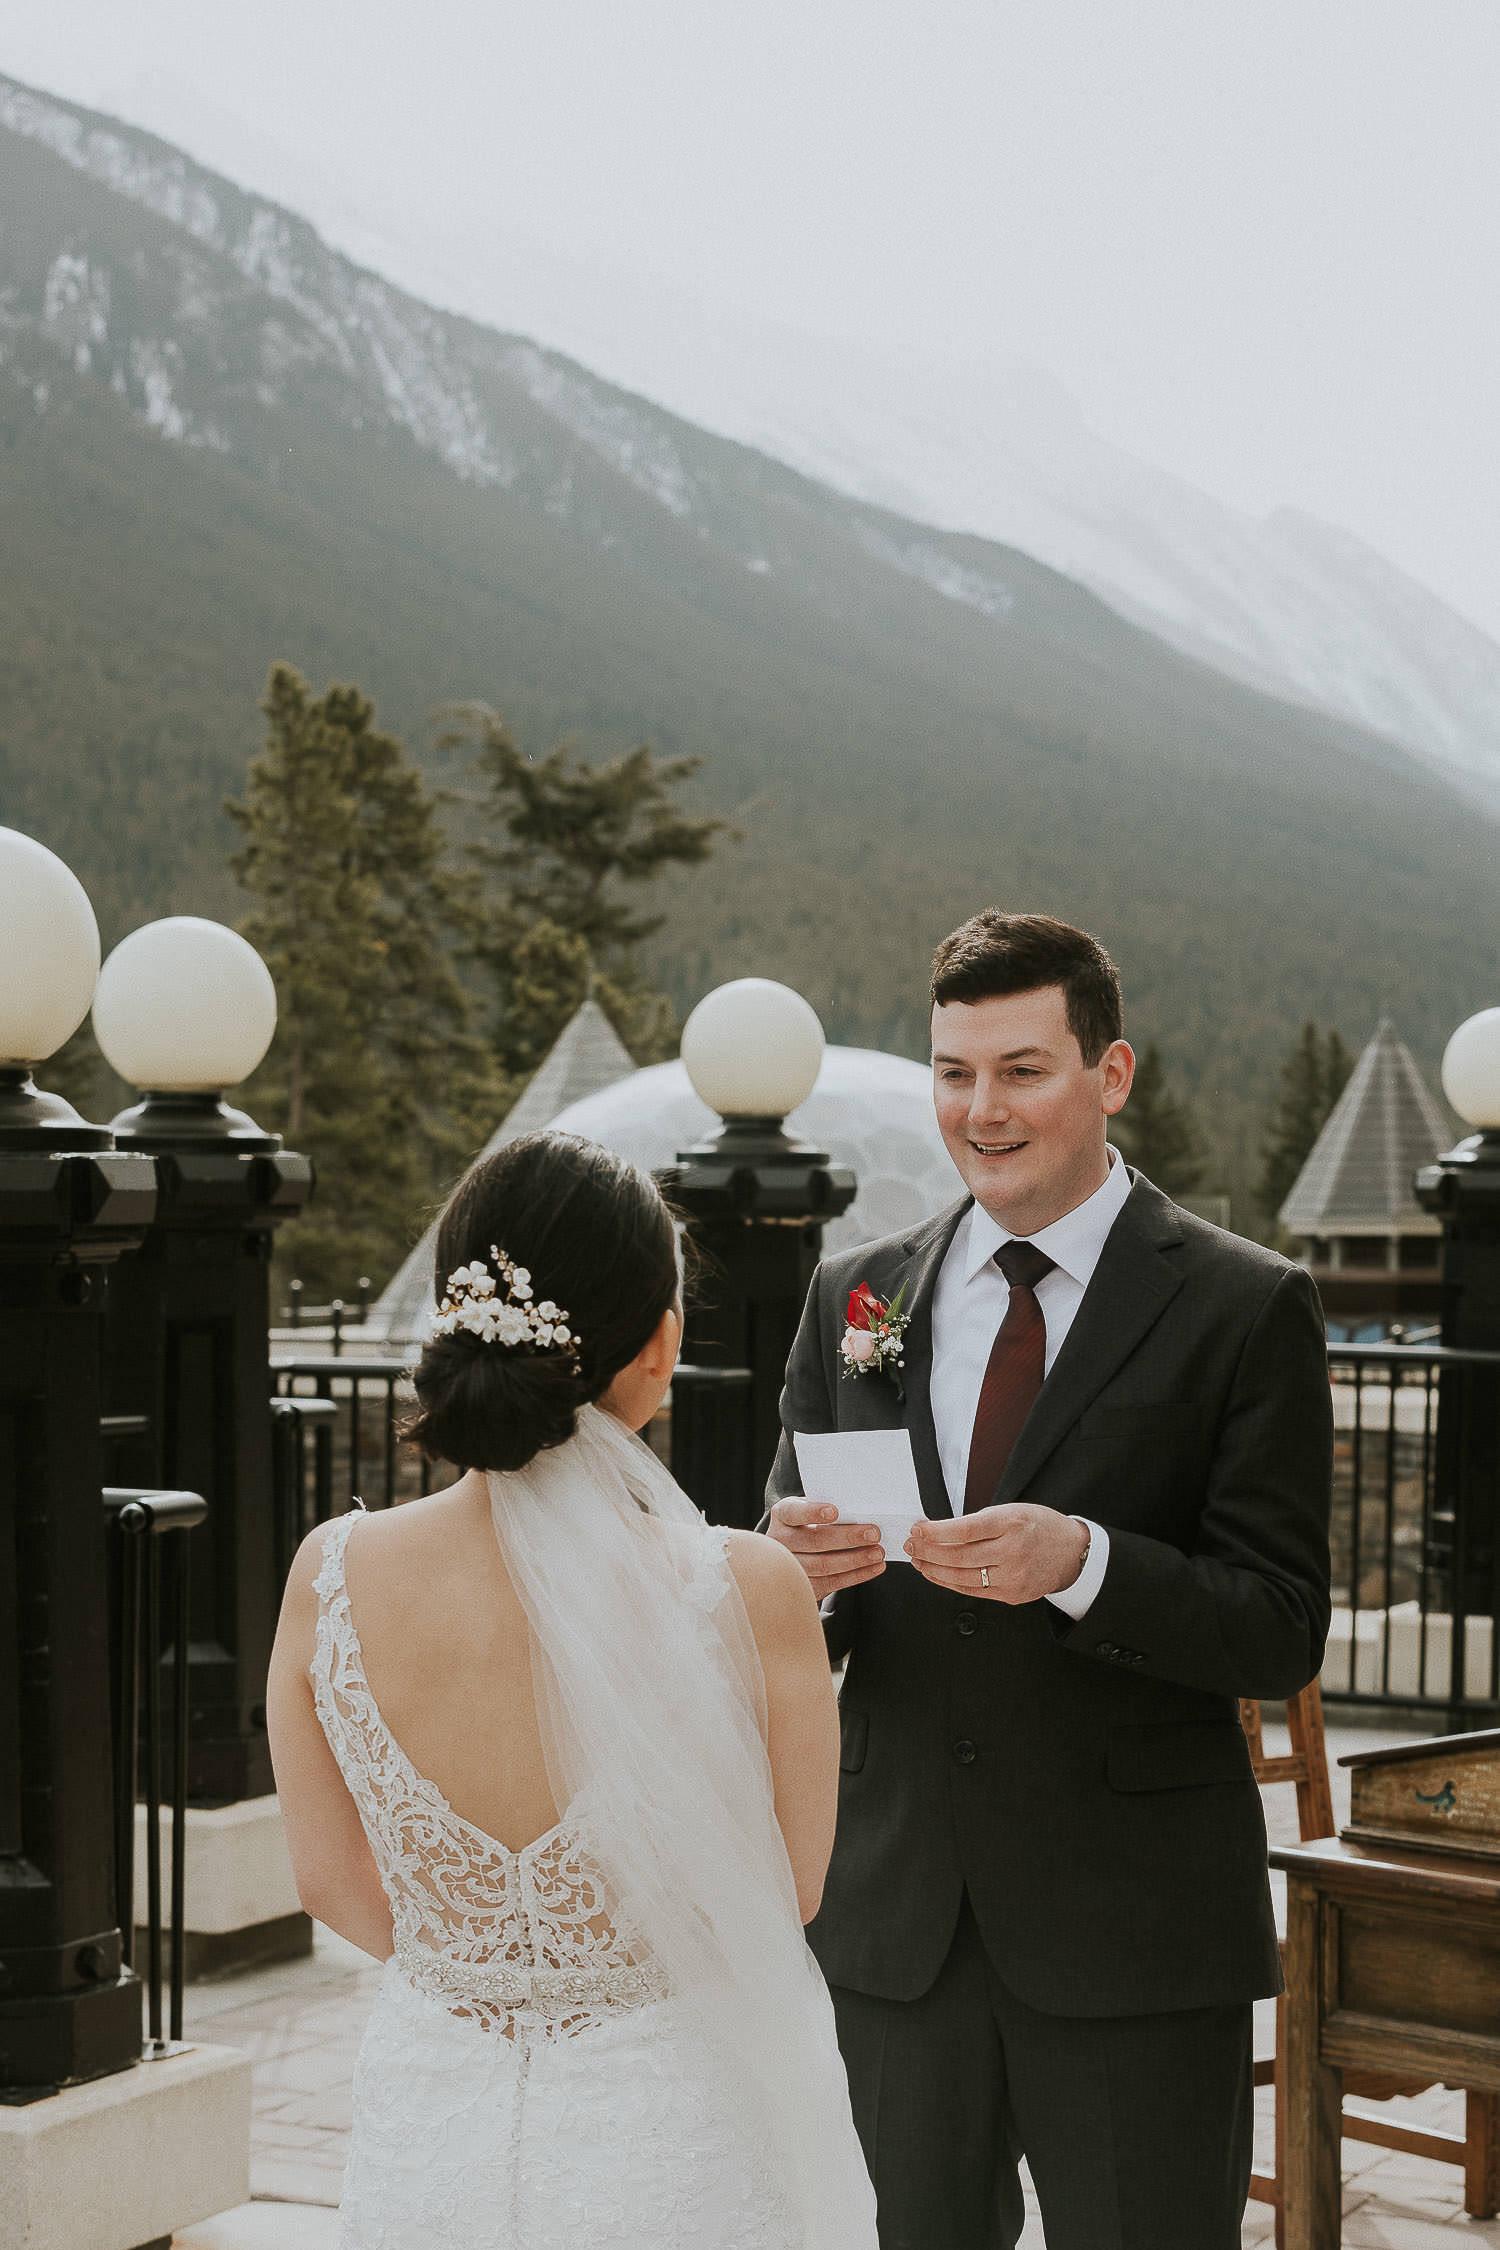 intimate-wedding-at-banff-springs-hotel-sarah-pukin-0093